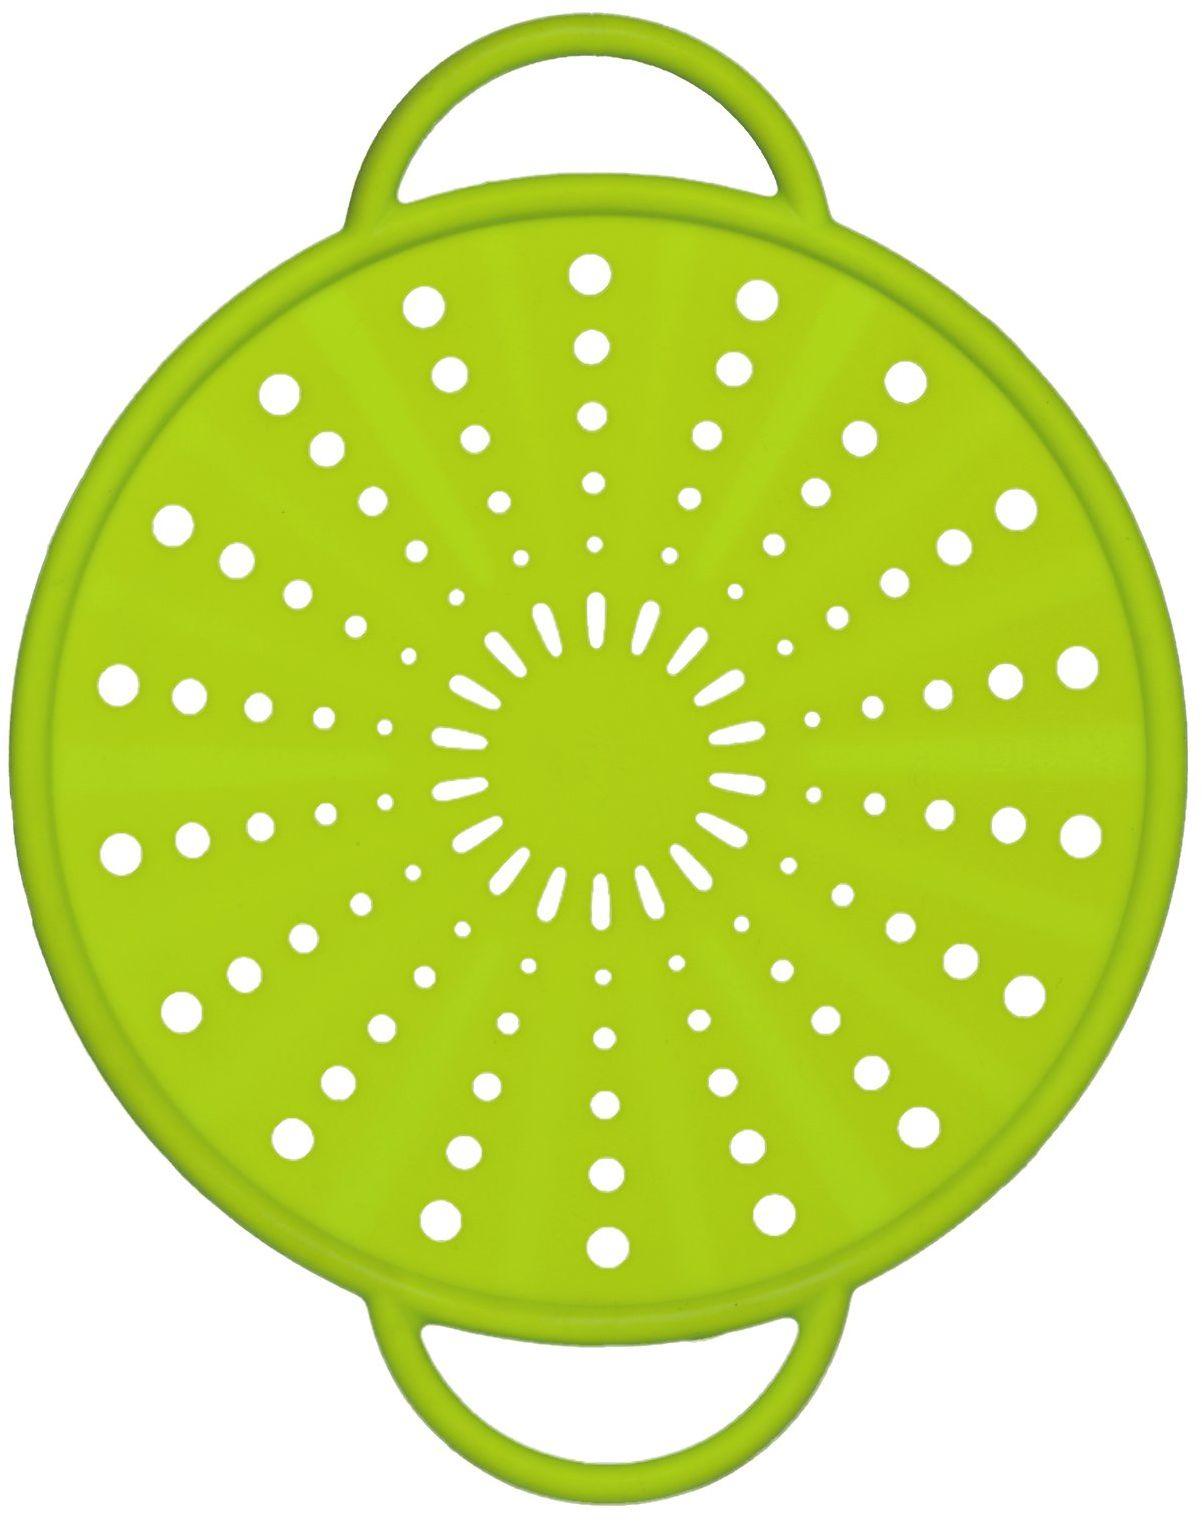 Emsa 514556 ochrona przed pryskaniem, Ø 21 cm, silikonowa, zielona, Smart Kitchen